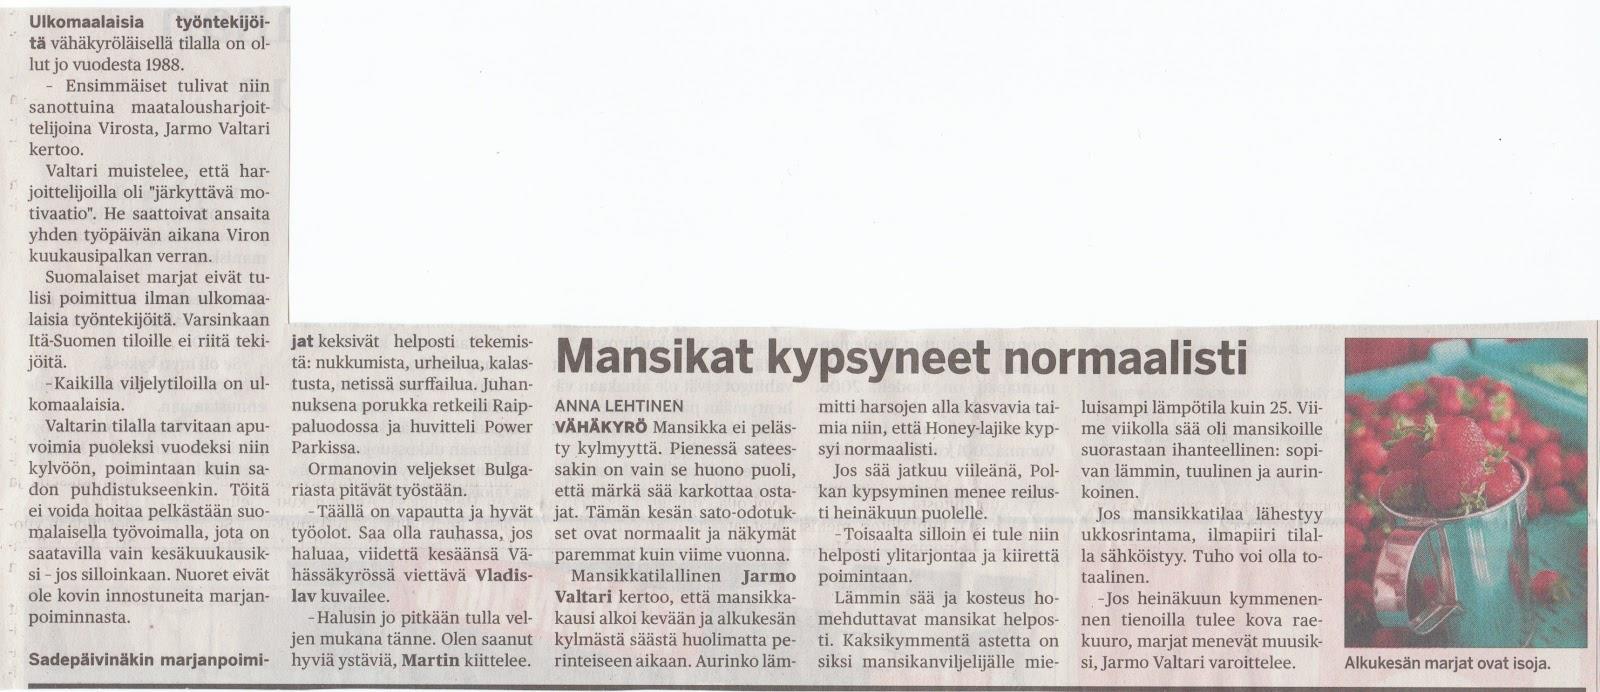 sanomalehti pohjalainen Somero